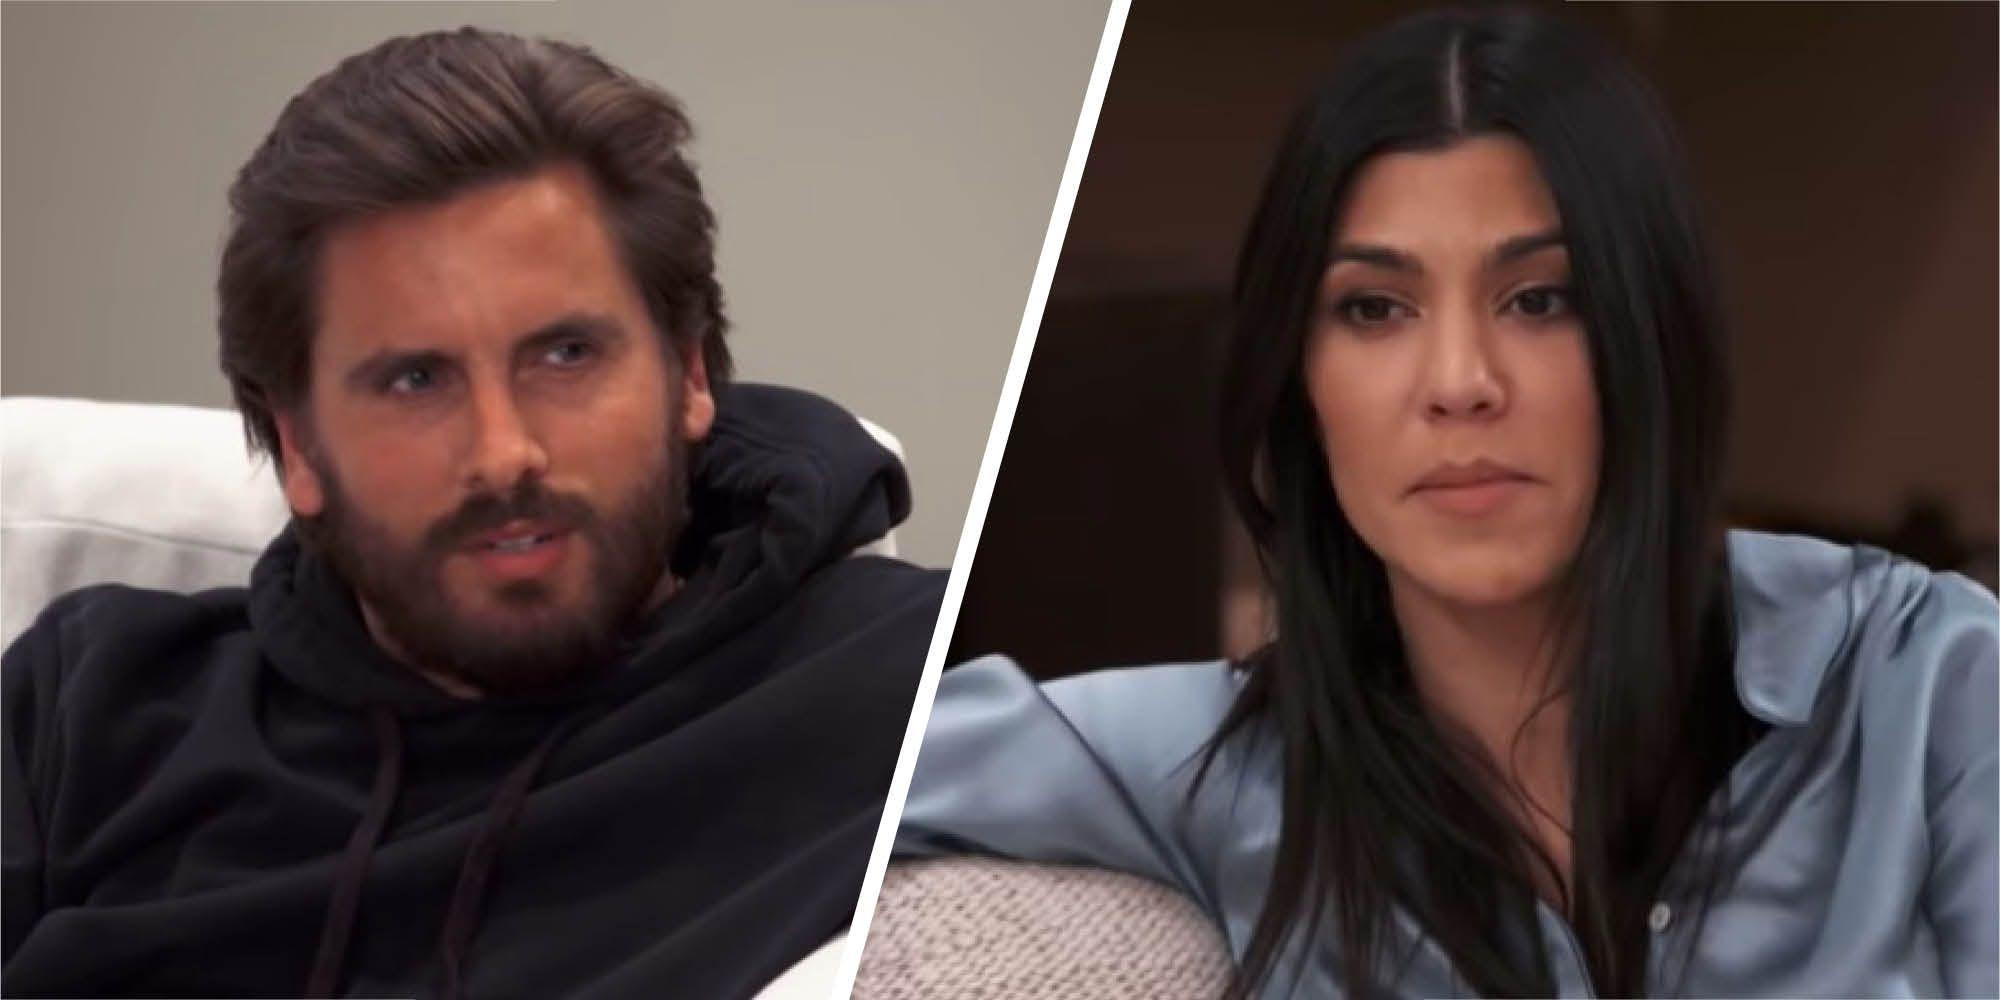 Watch Scott Disick and Kourtney Kardashian's tense showdown about Sofia Richie